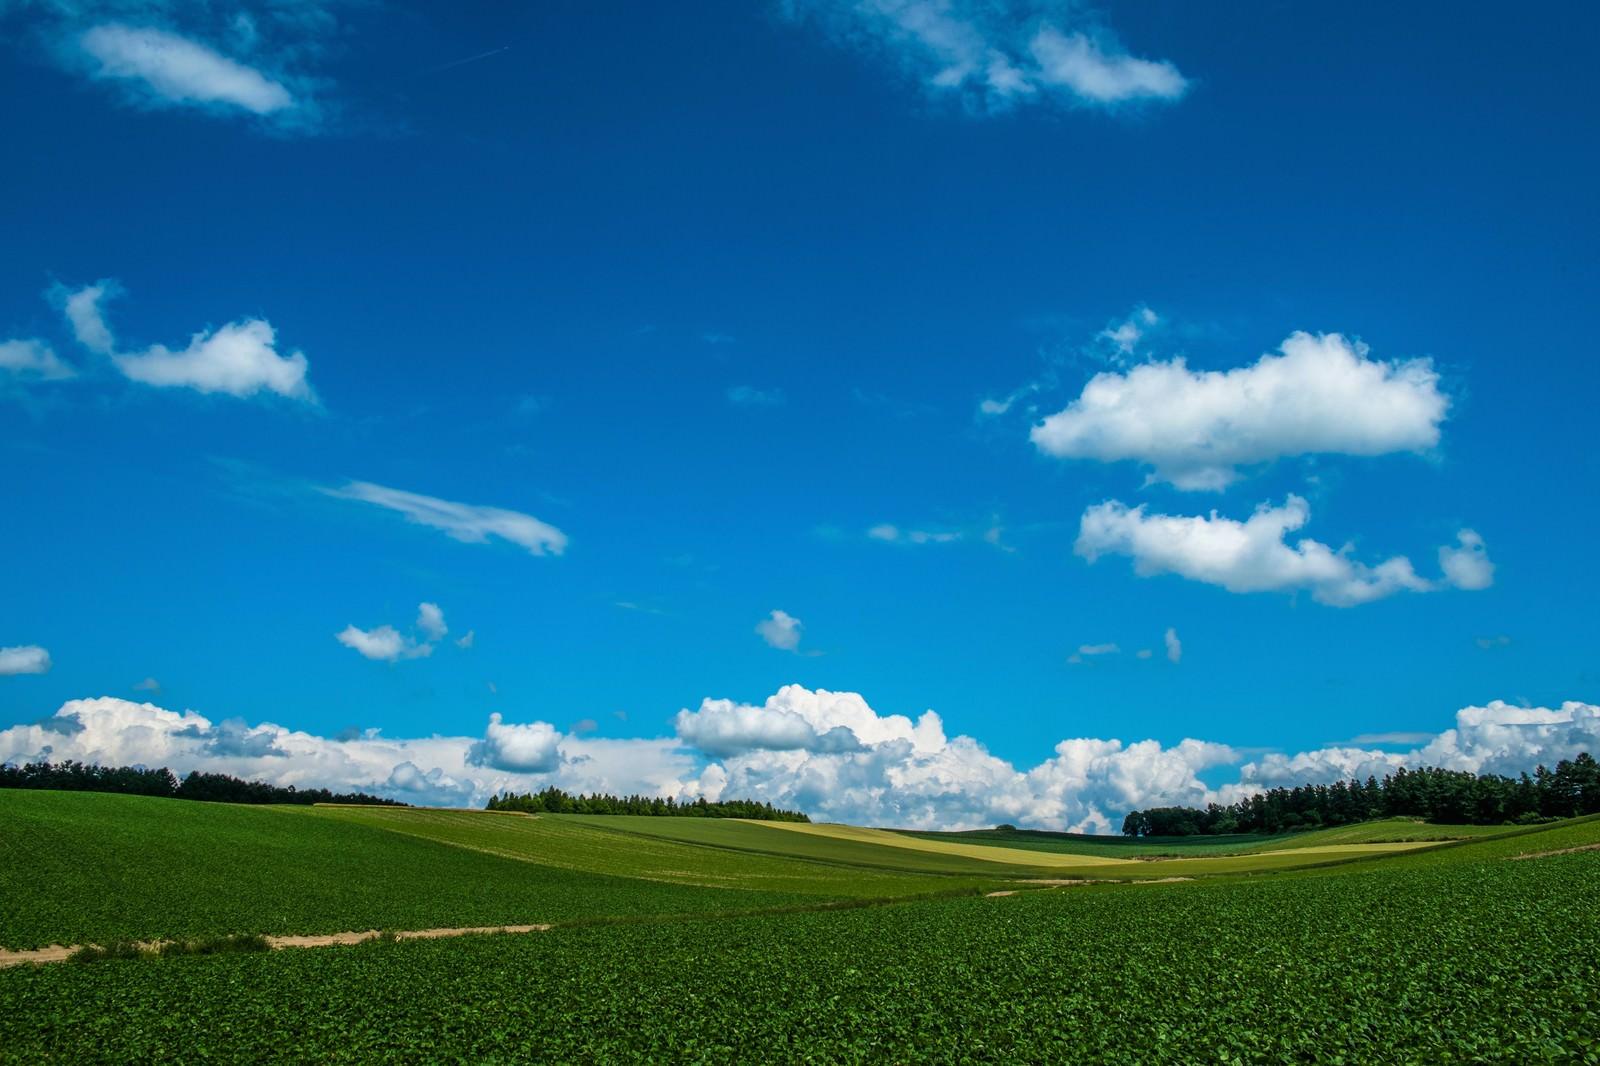 「広大な農場と青空広大な農場と青空」のフリー写真素材を拡大